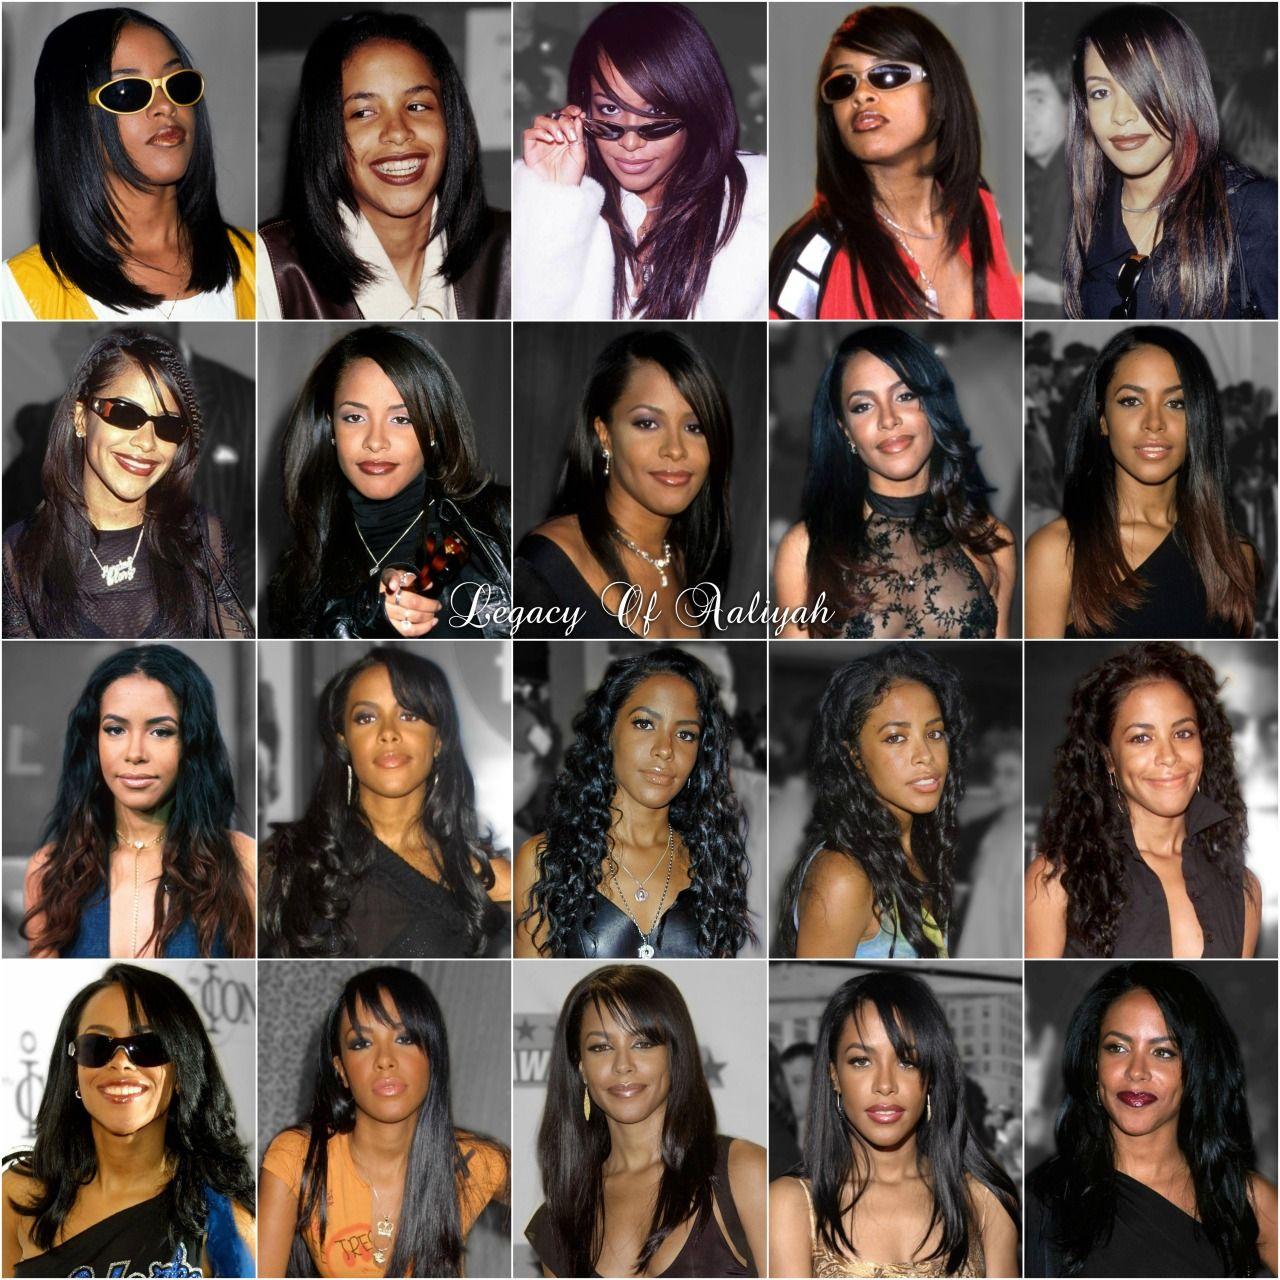 Aaliyahalways Aaliyah S Hairstyle Always On Point Aaliyah Aaliyah Haughton Rip Aaliyah